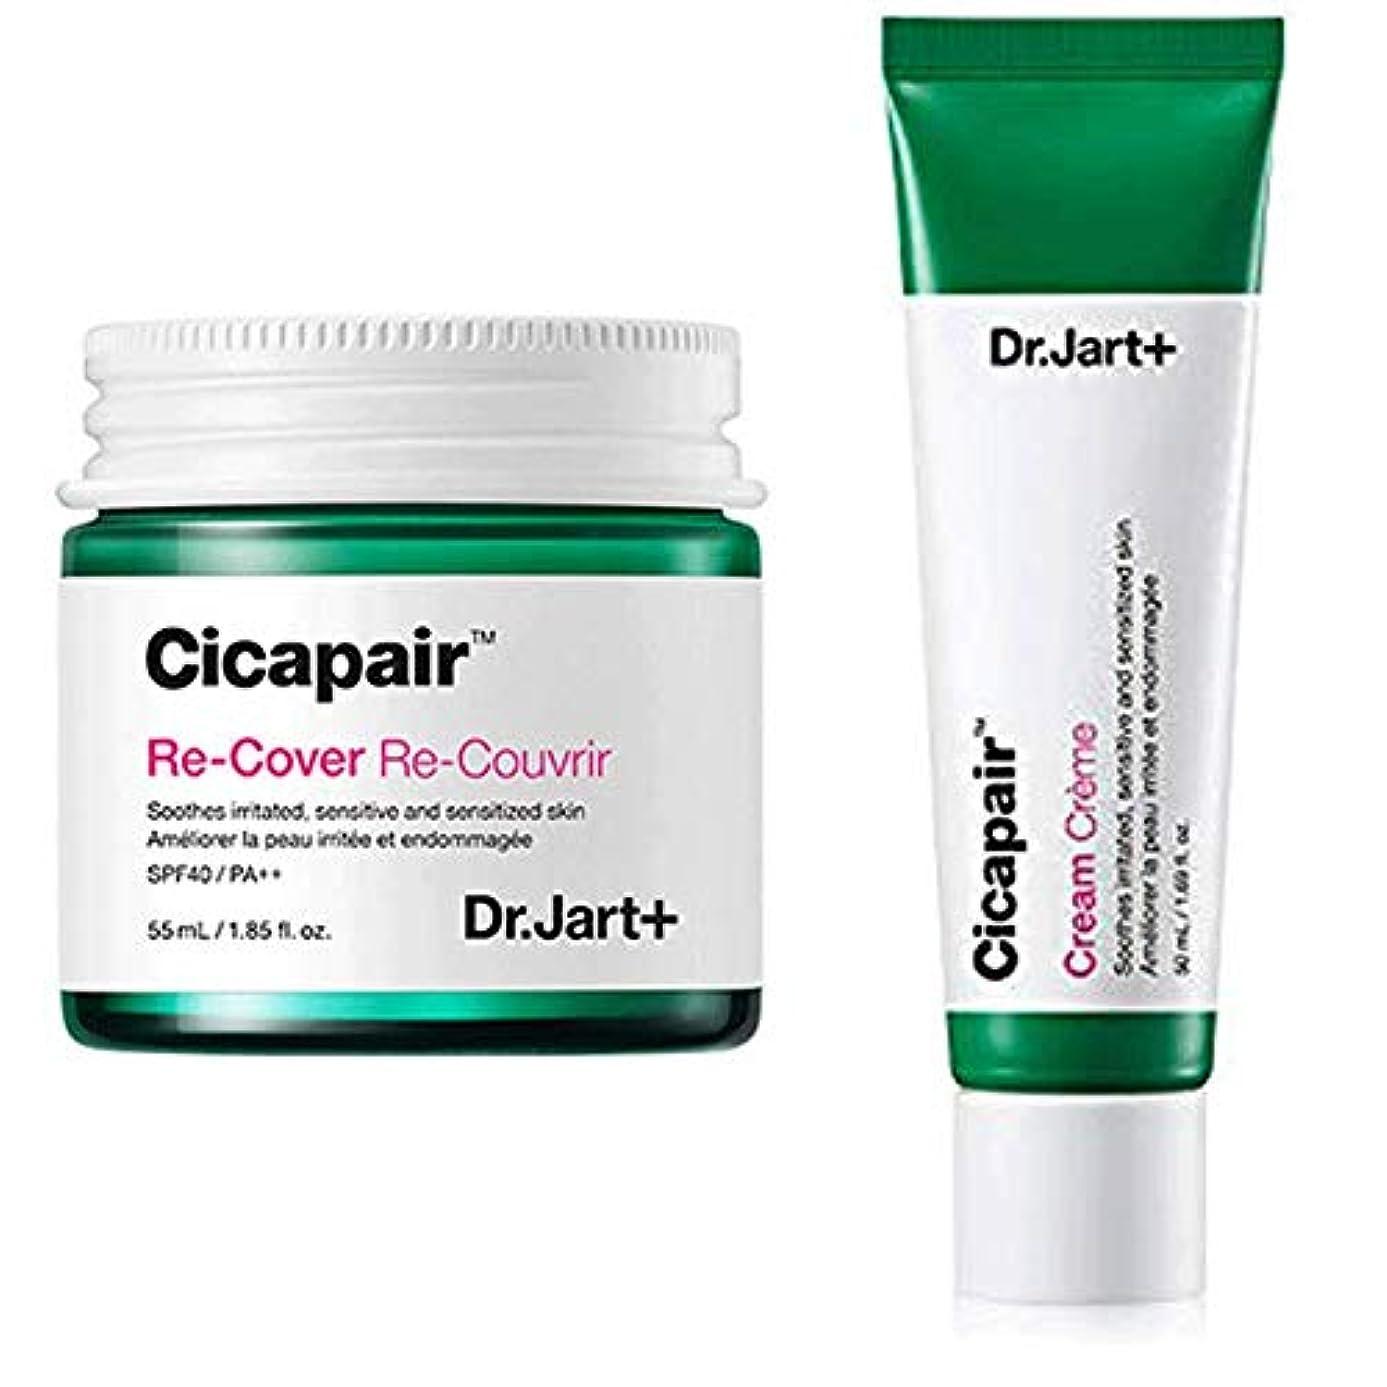 審判駐地チェスをするDr.Jart+ Cicapair Cream + ReCover ドクタージャルトシカペアクリーム50ml + リカバー 55ml (2代目) セット [並行輸入品]